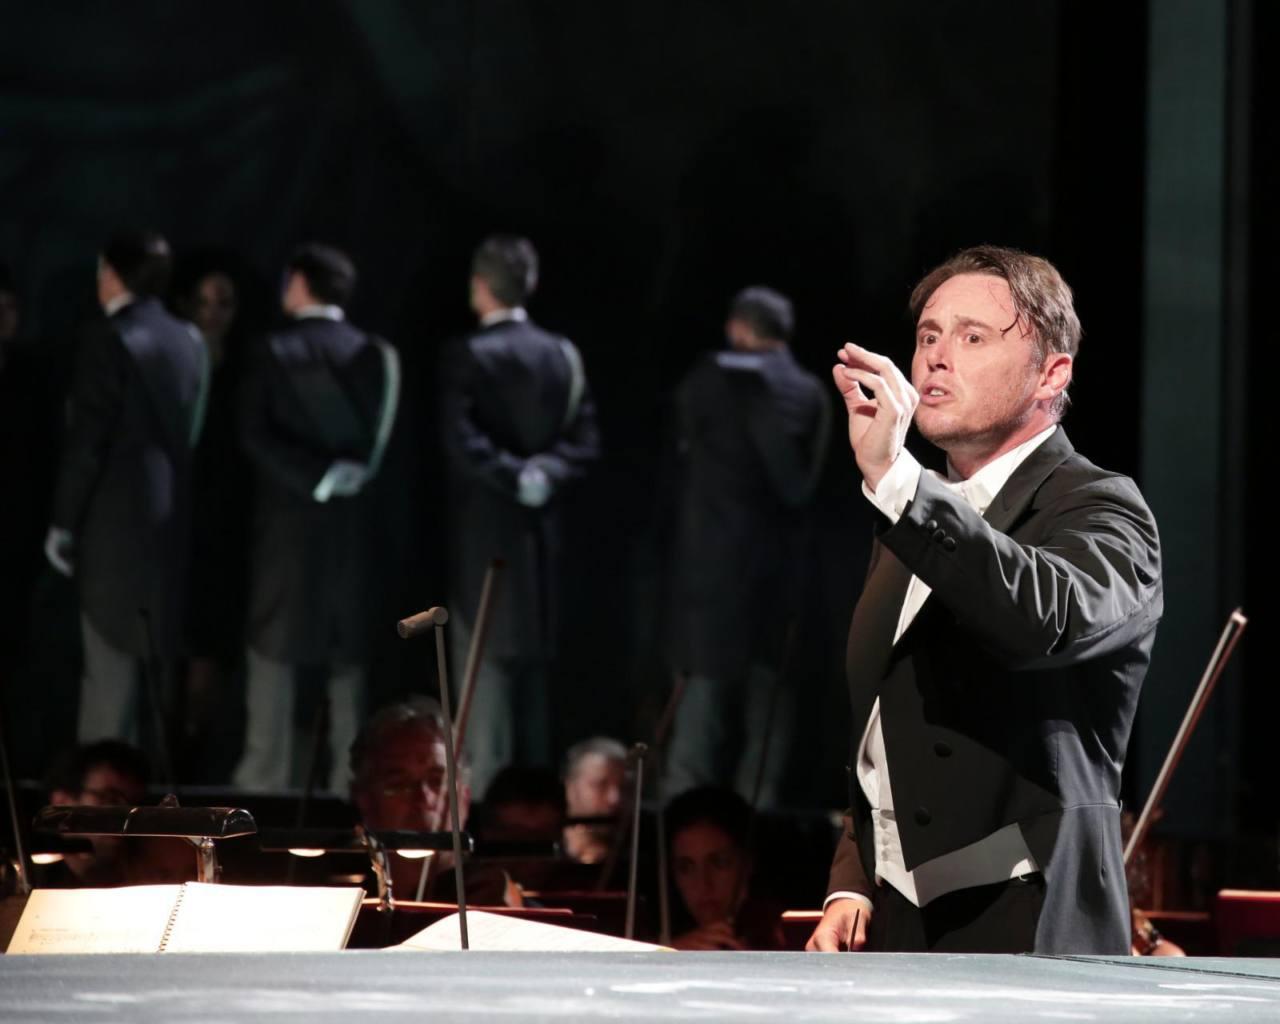 Il direttore Michele Mariotti